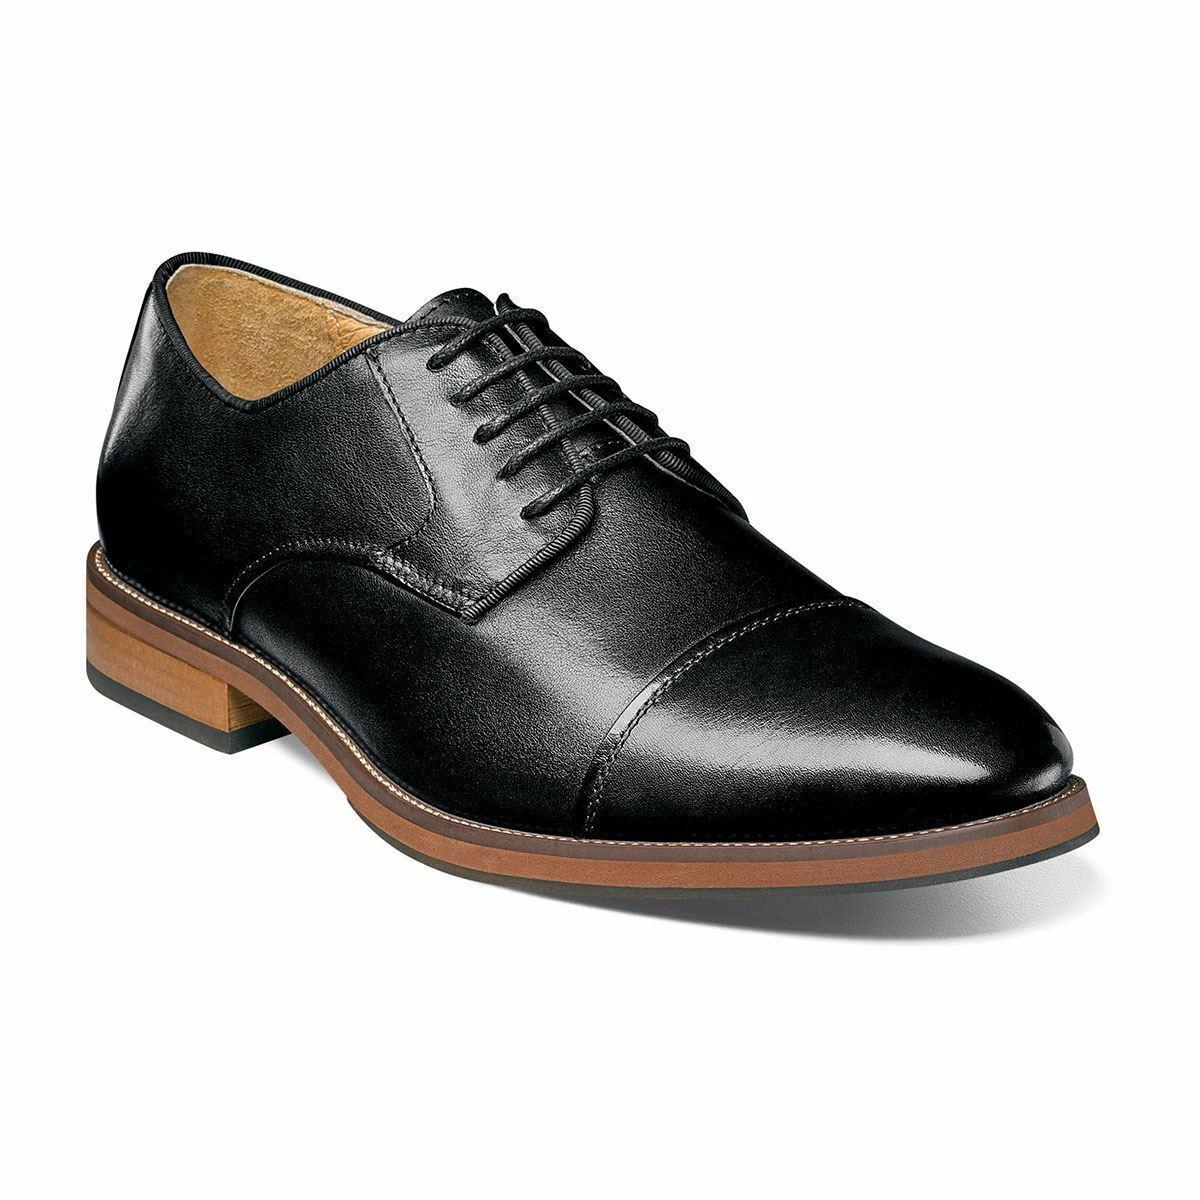 Homme Florsheim Blaze Cap Toe Oxford Chaussures Noires 14199-001